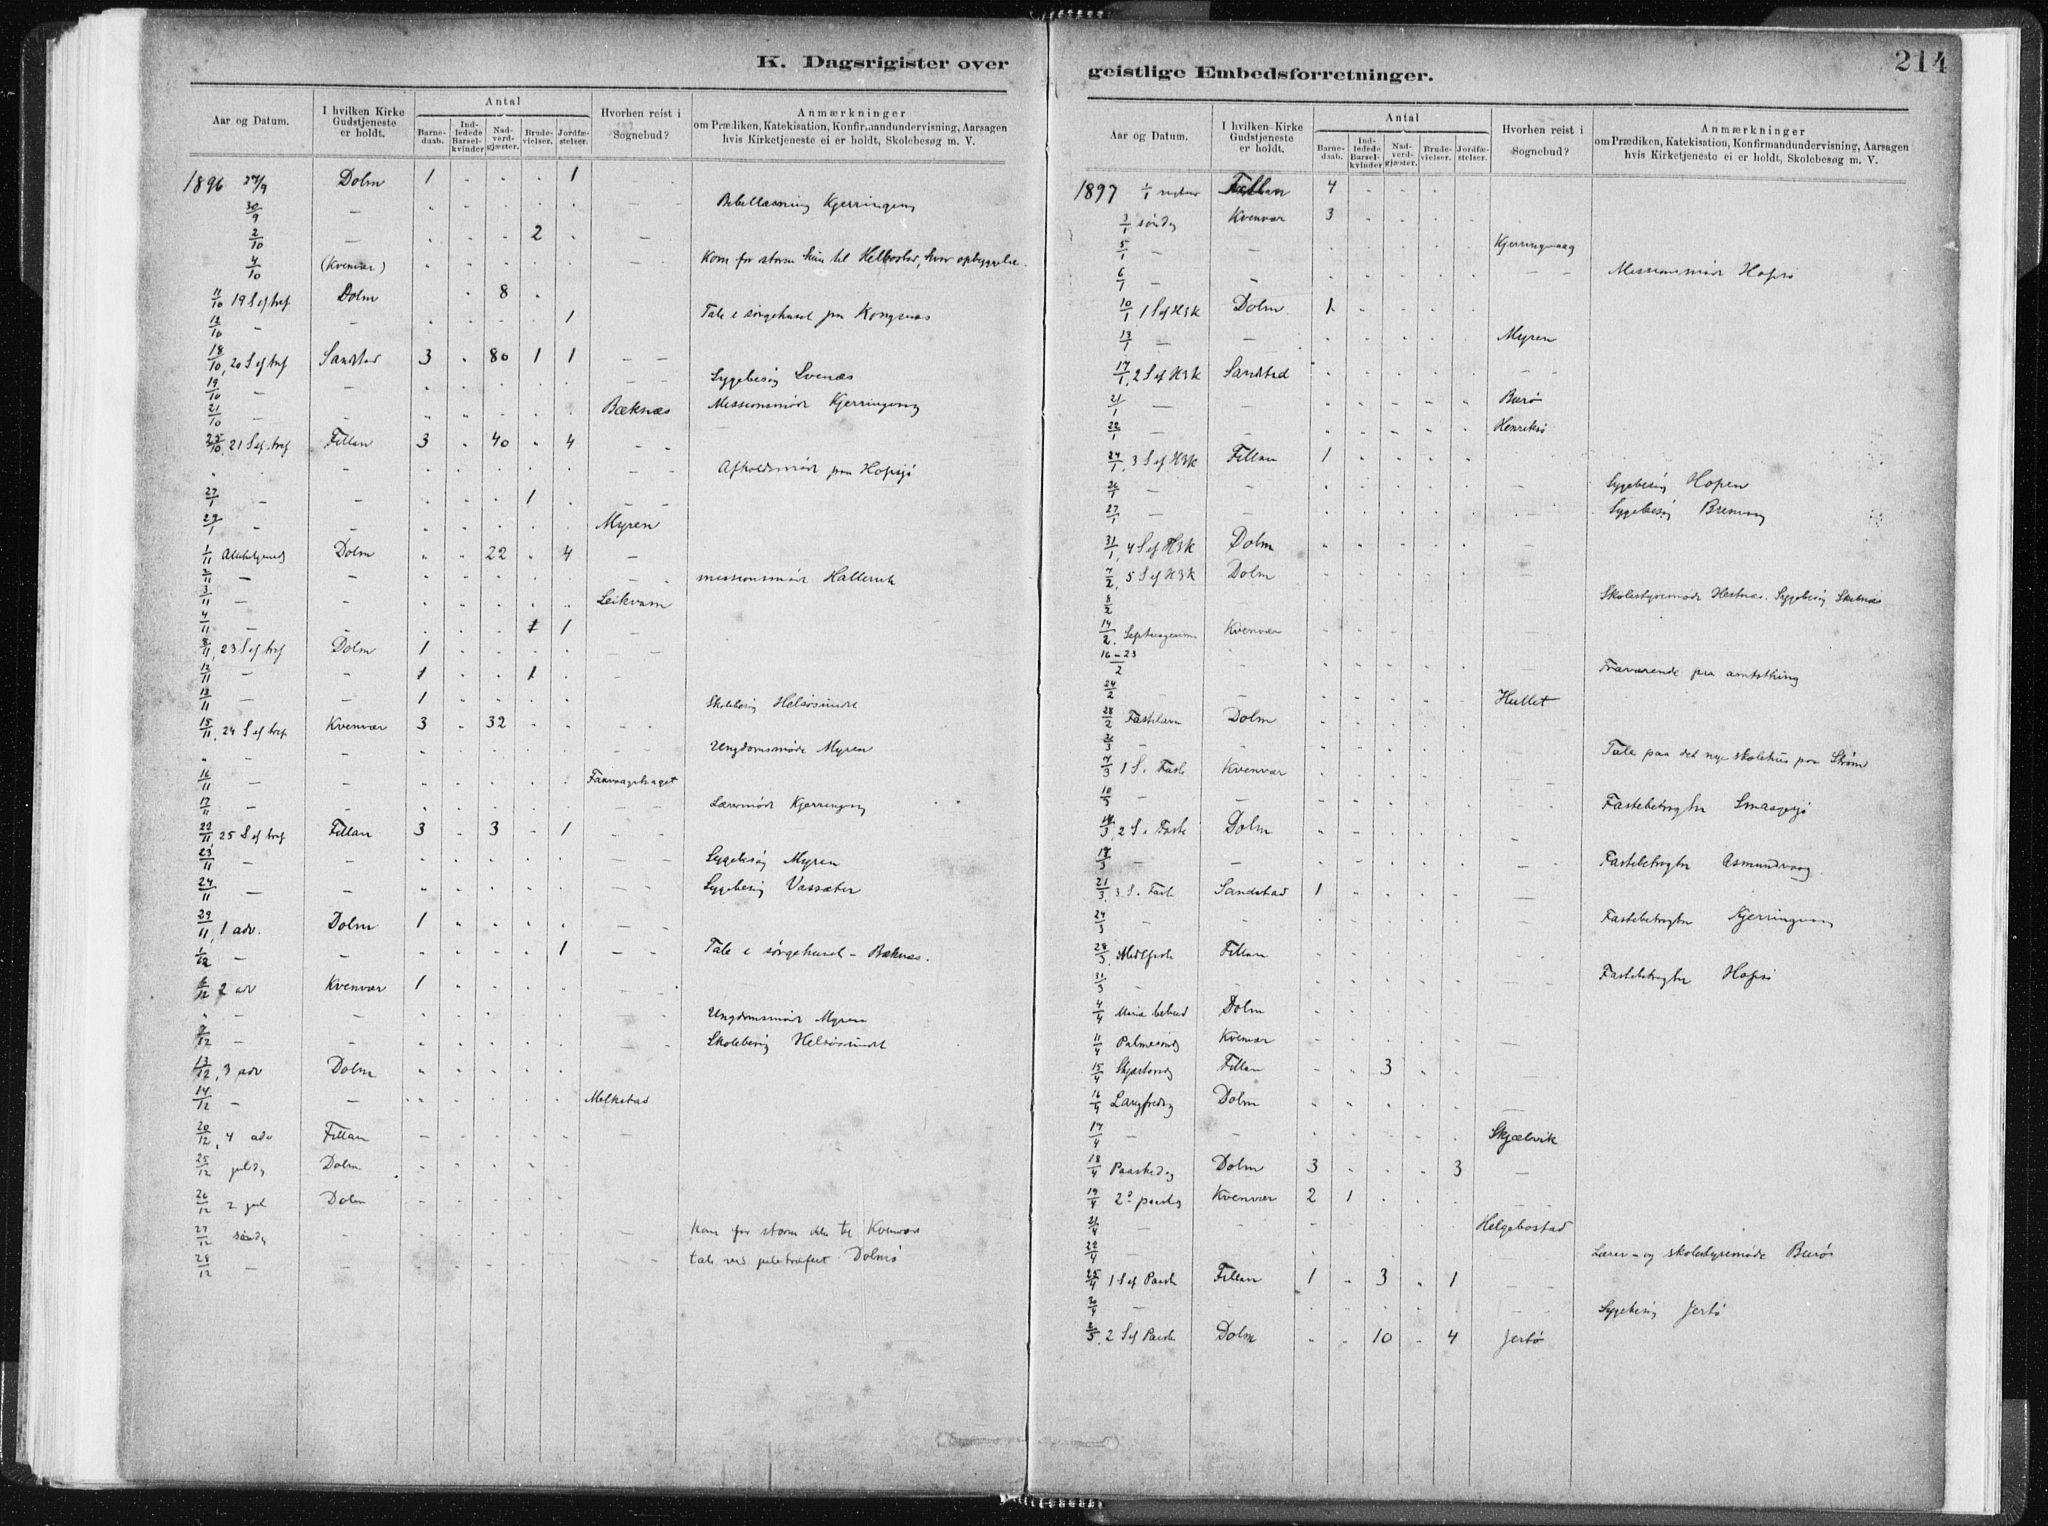 SAT, Ministerialprotokoller, klokkerbøker og fødselsregistre - Sør-Trøndelag, 634/L0533: Ministerialbok nr. 634A09, 1882-1901, s. 214